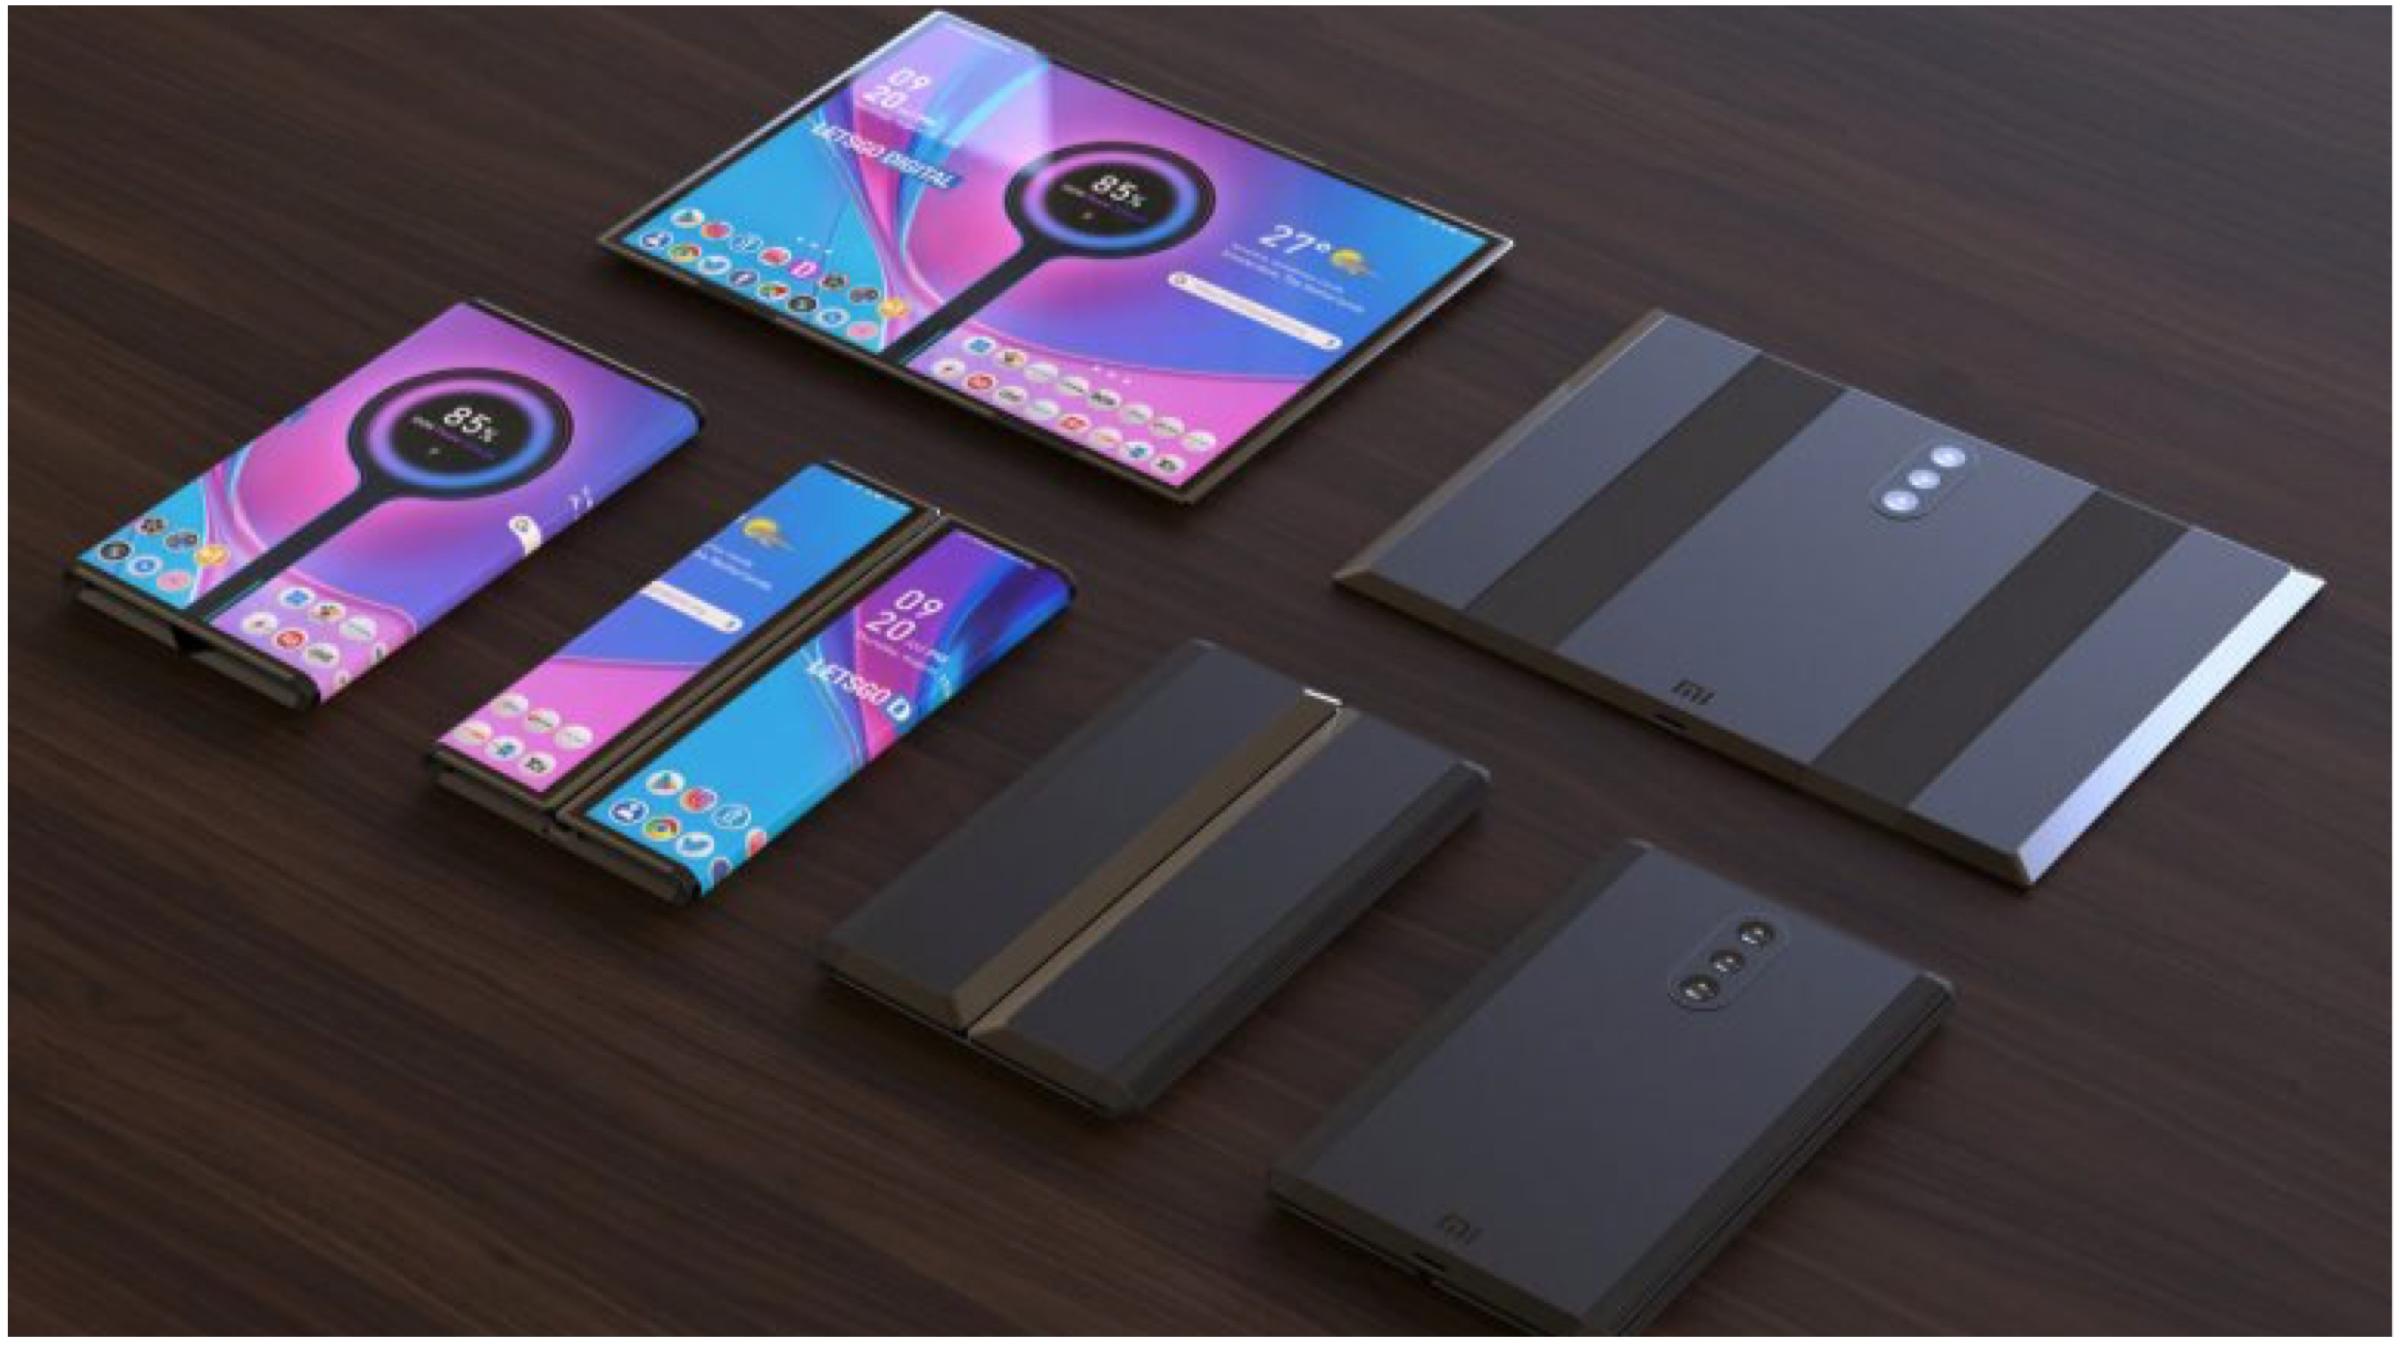 براءات الاختراع Xiaomi هاتف ذكي يتحول إلى جهاز لوحي 2